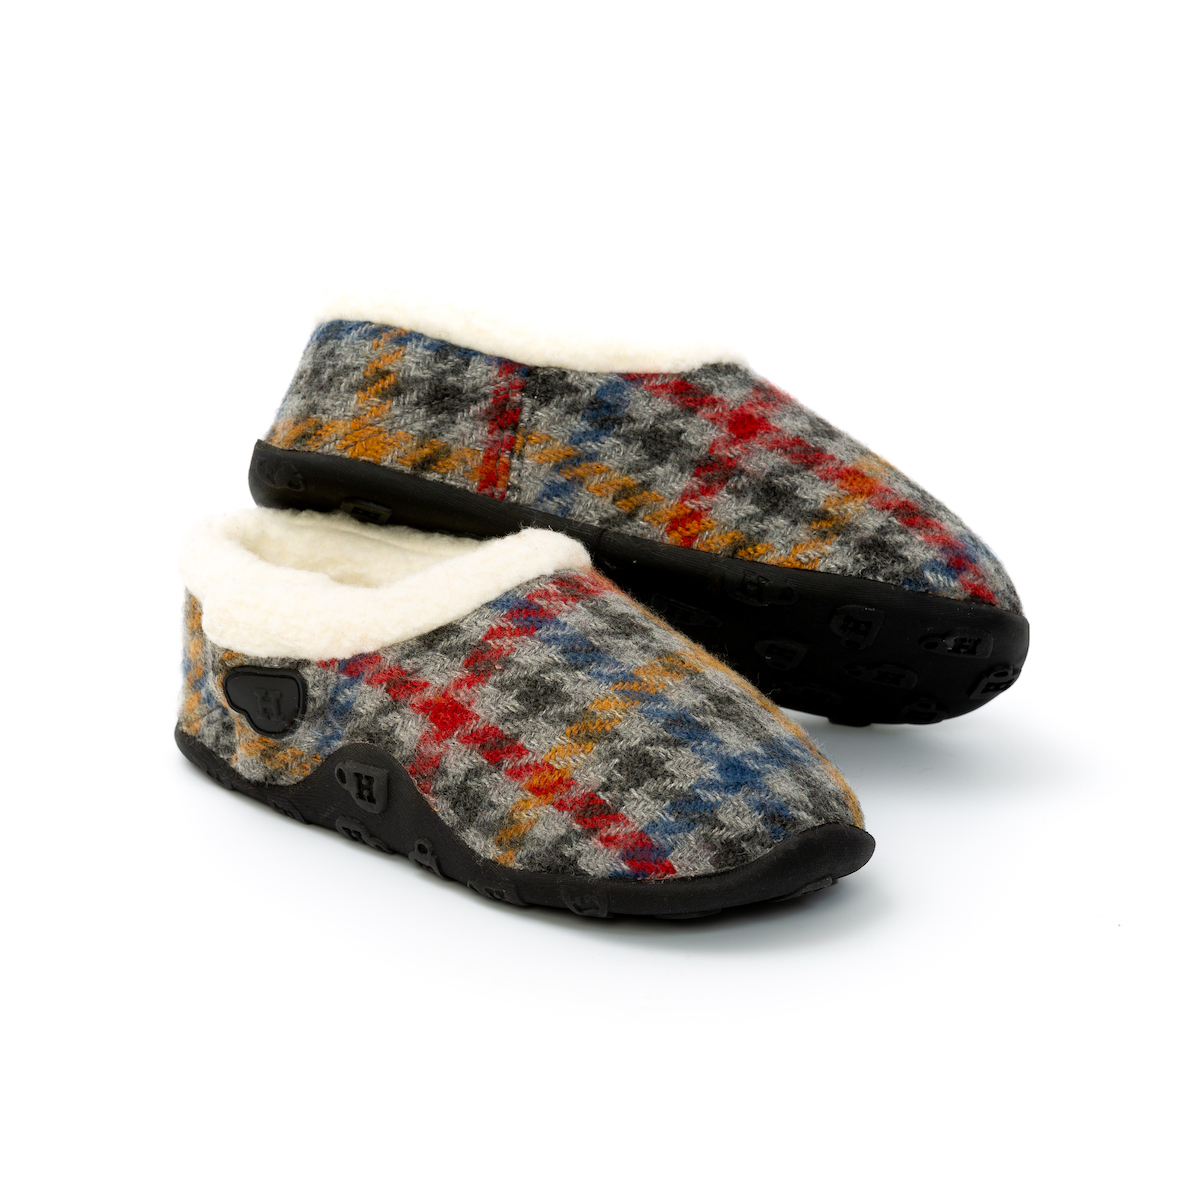 Patrick Kids - Multi-Coloured Tweed Boy's Slippers - Homeys